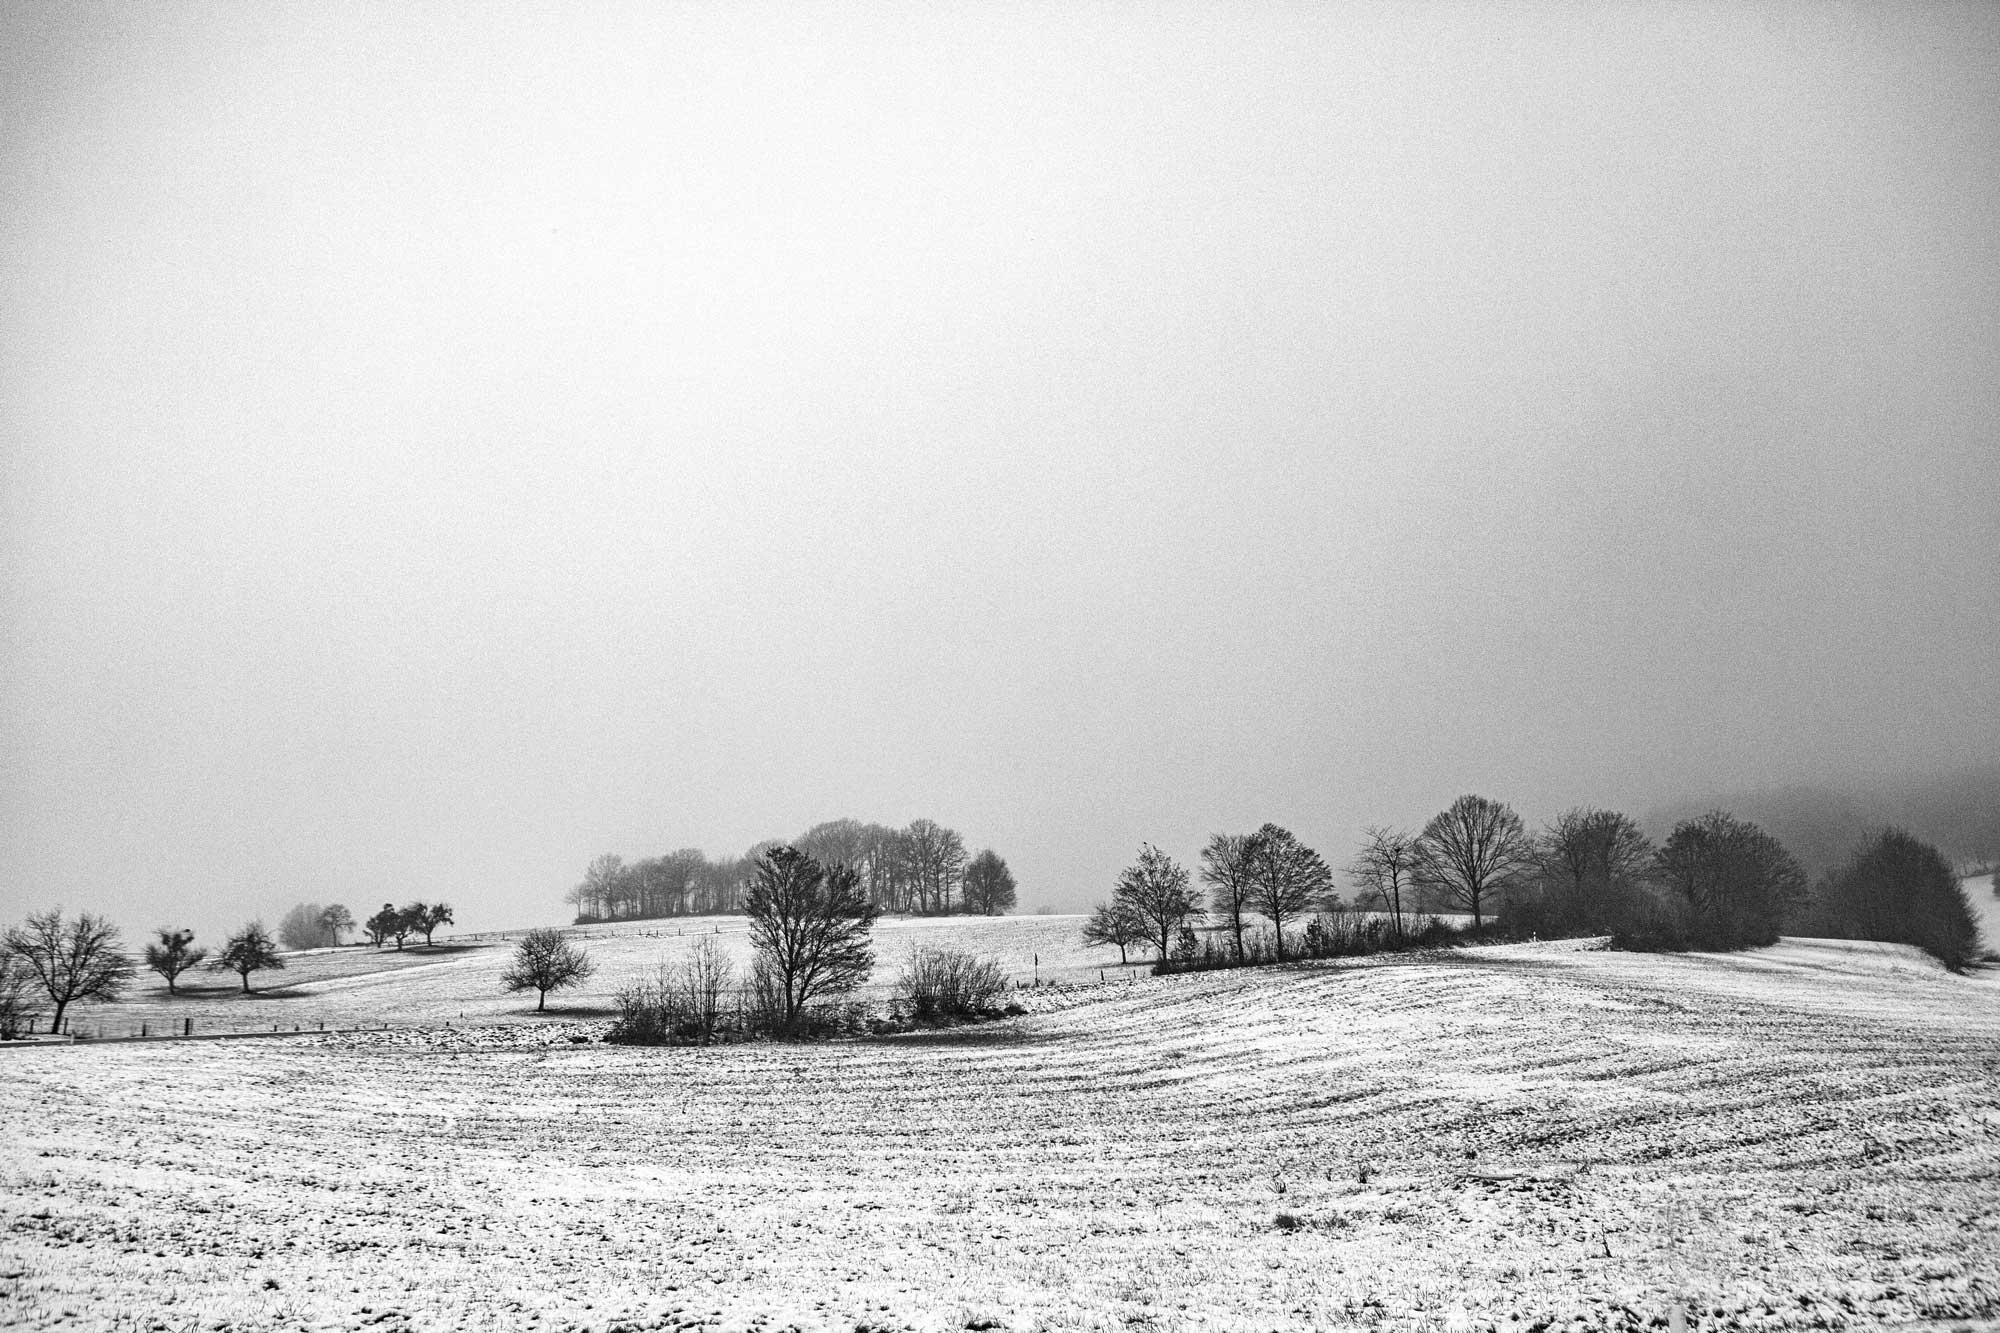 Dezember im Odenwald bei Laudenau